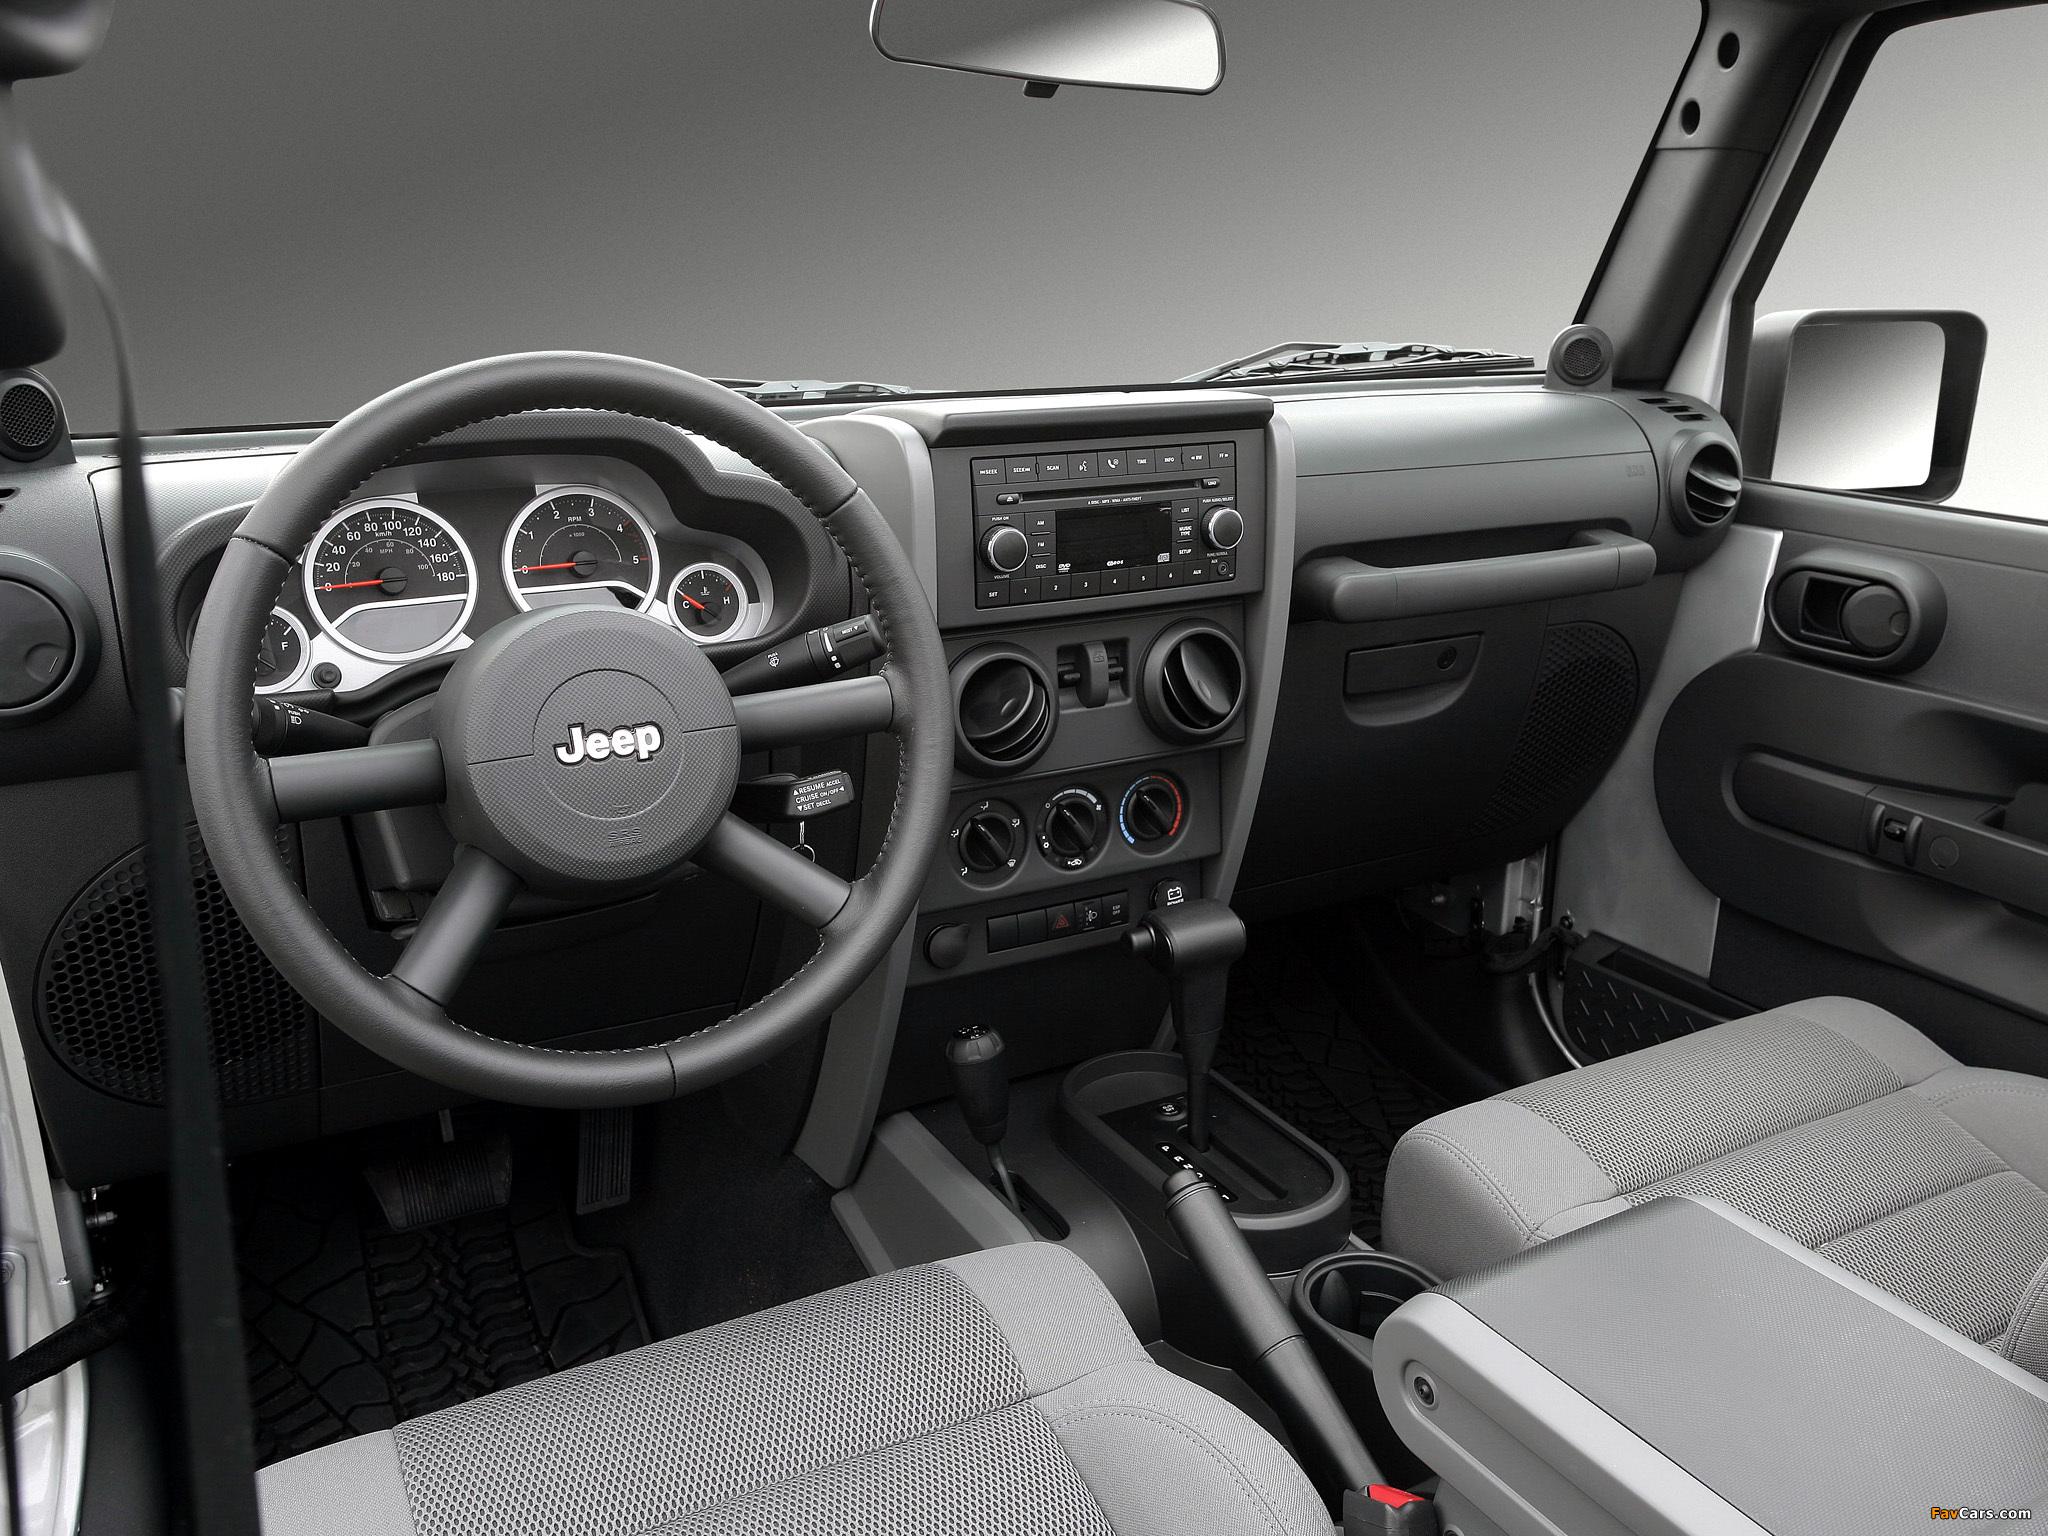 Jeep Wrangler Unlimited Sahara EU-spec (JK) 2007 pictures (2048 x 1536)